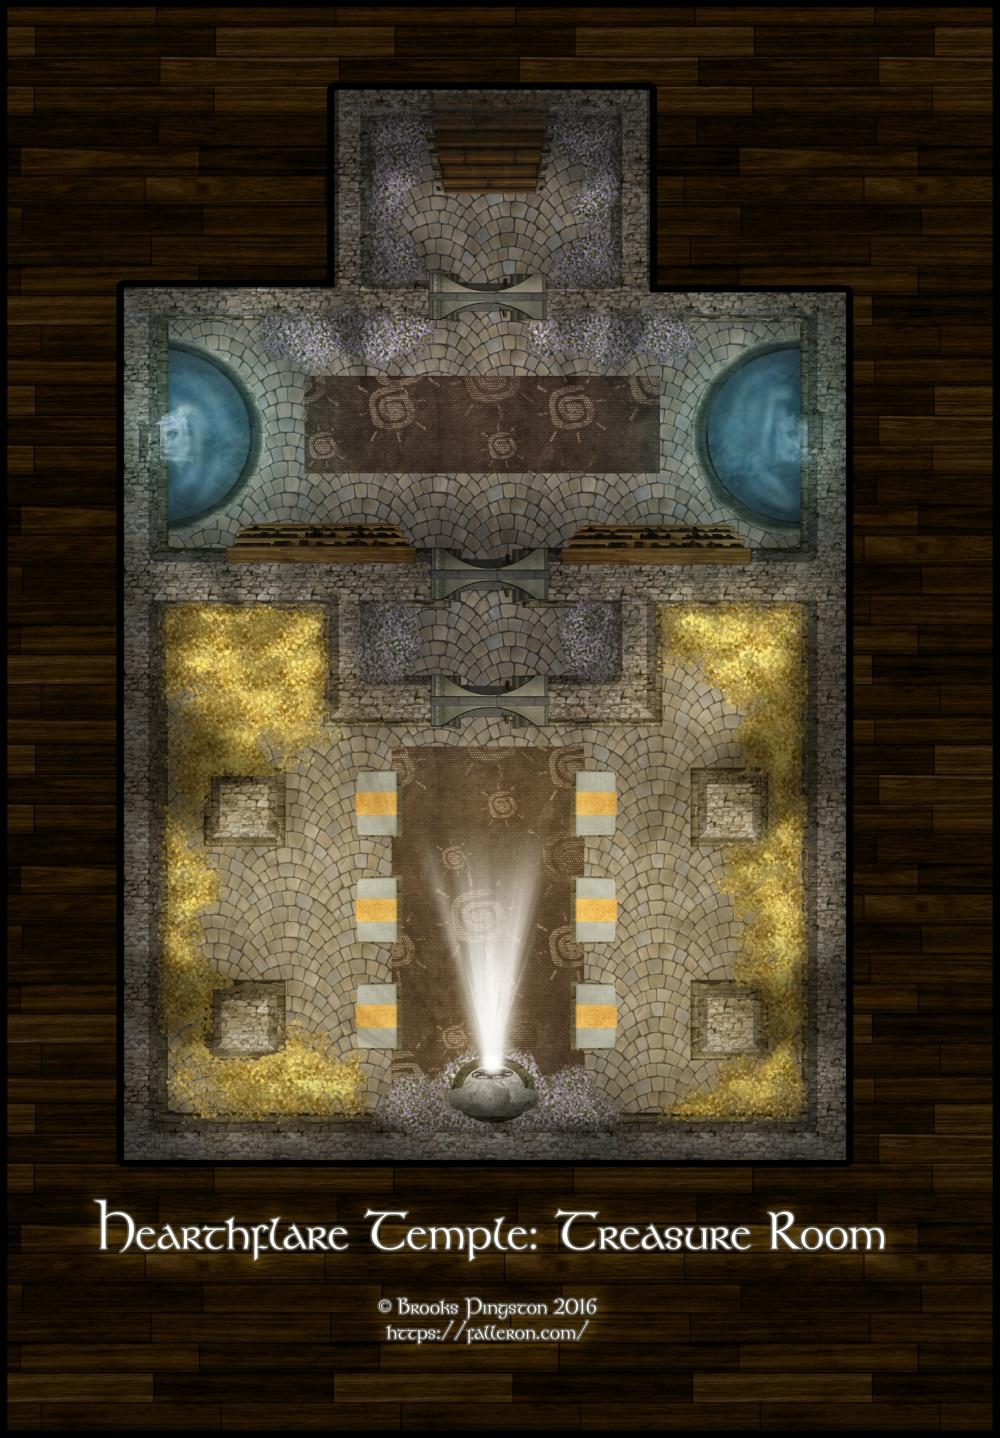 hearthflare-treasure-room